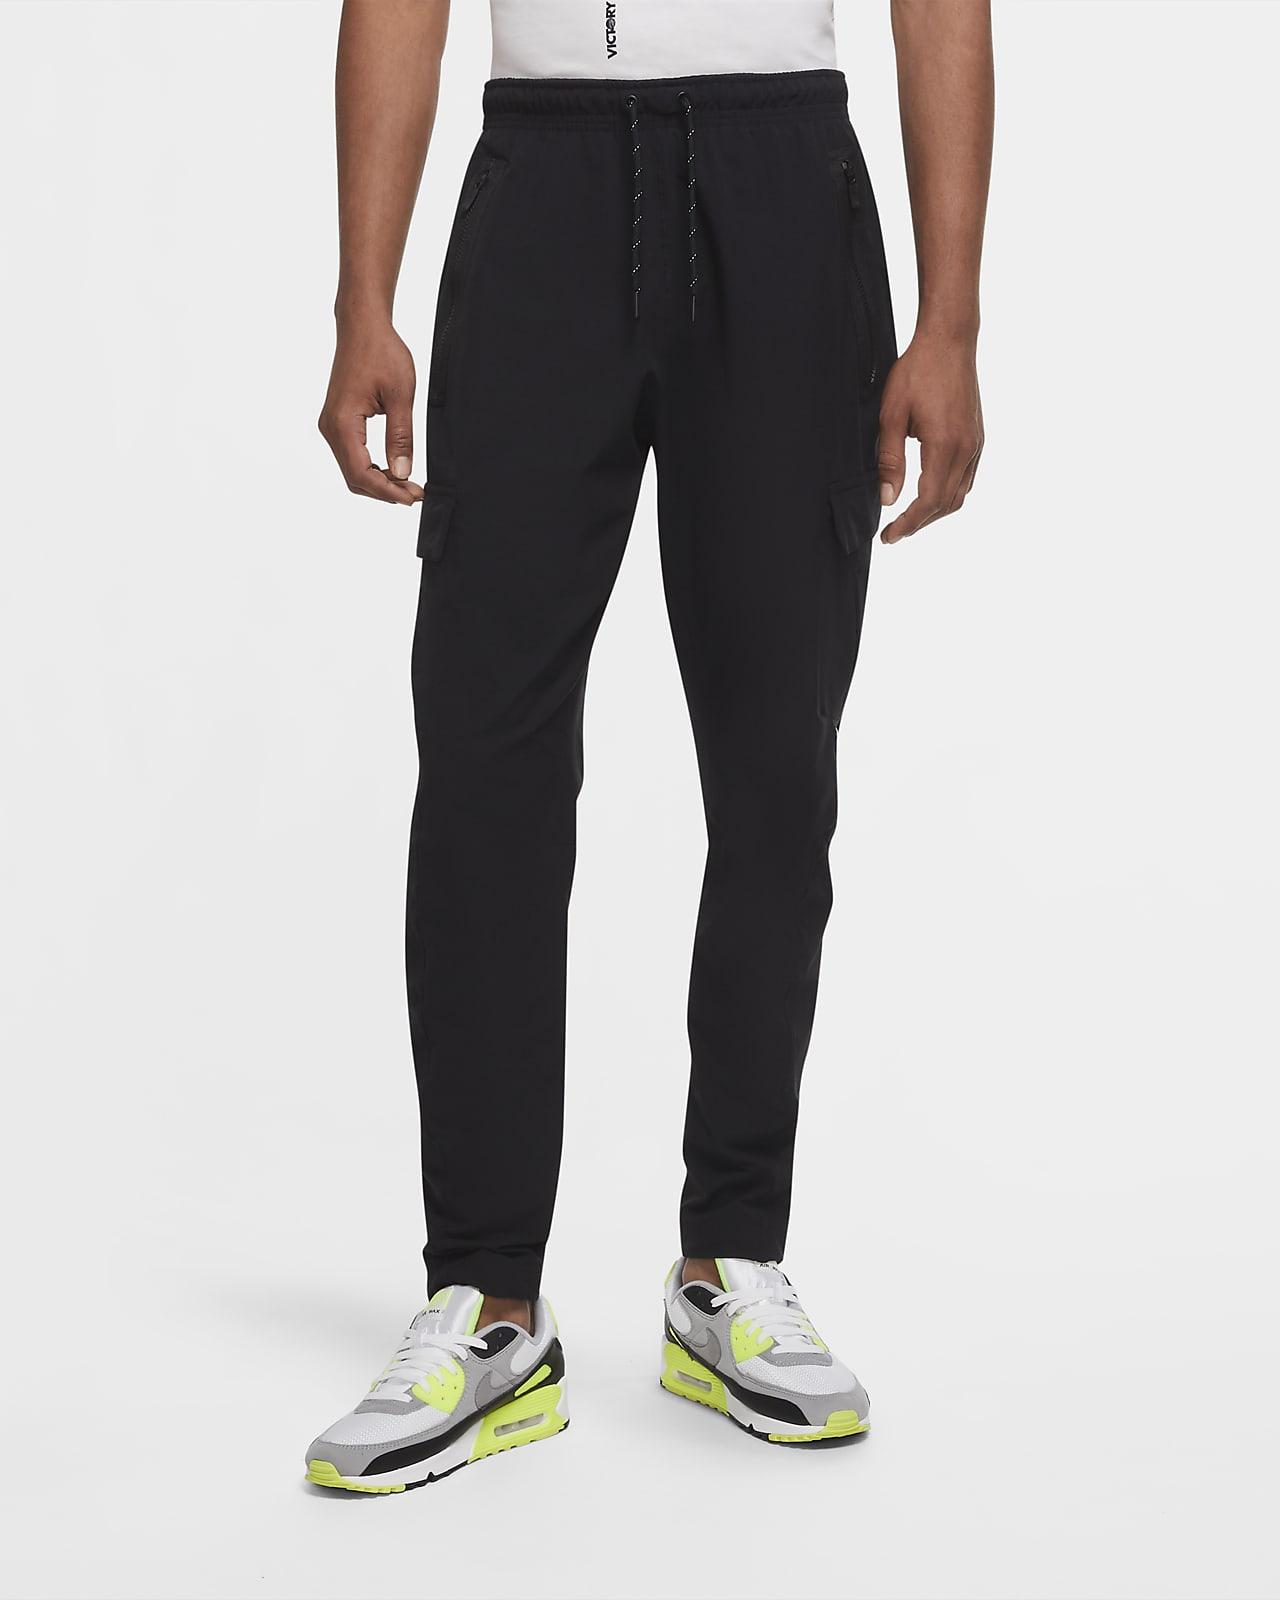 Męskie bojówki z tkaniny Nike Sportswear Air Max